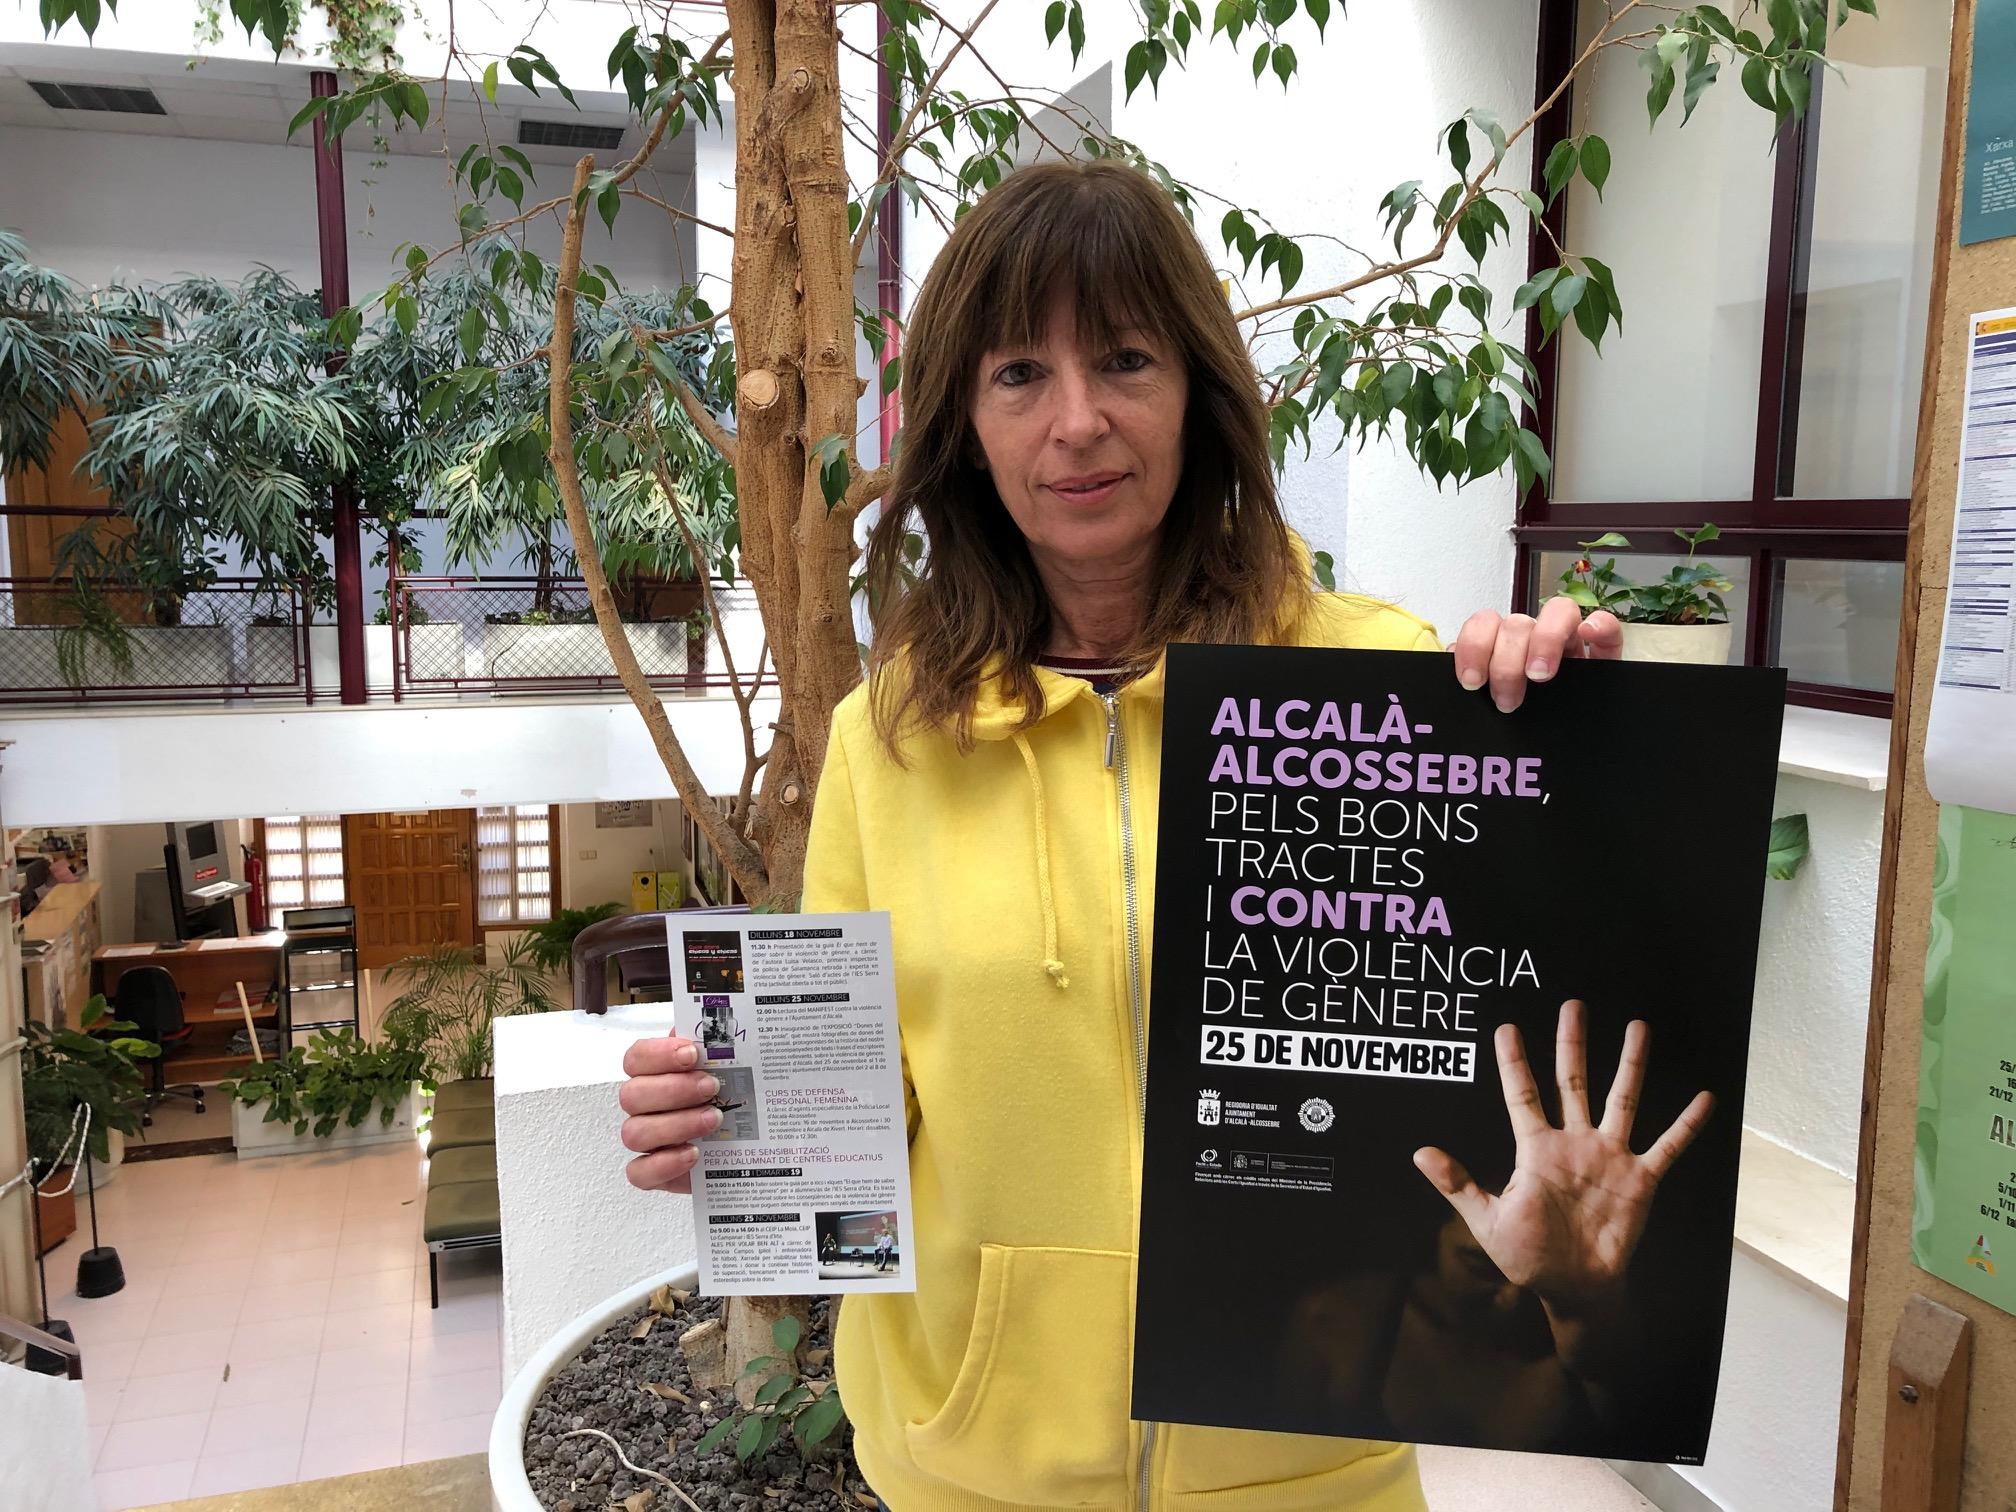 Alcalà-Alcossebre; L'Ajuntament d'Alcalà-Alcossebre dedica novembre a conscienciar sobre la violència de gènere